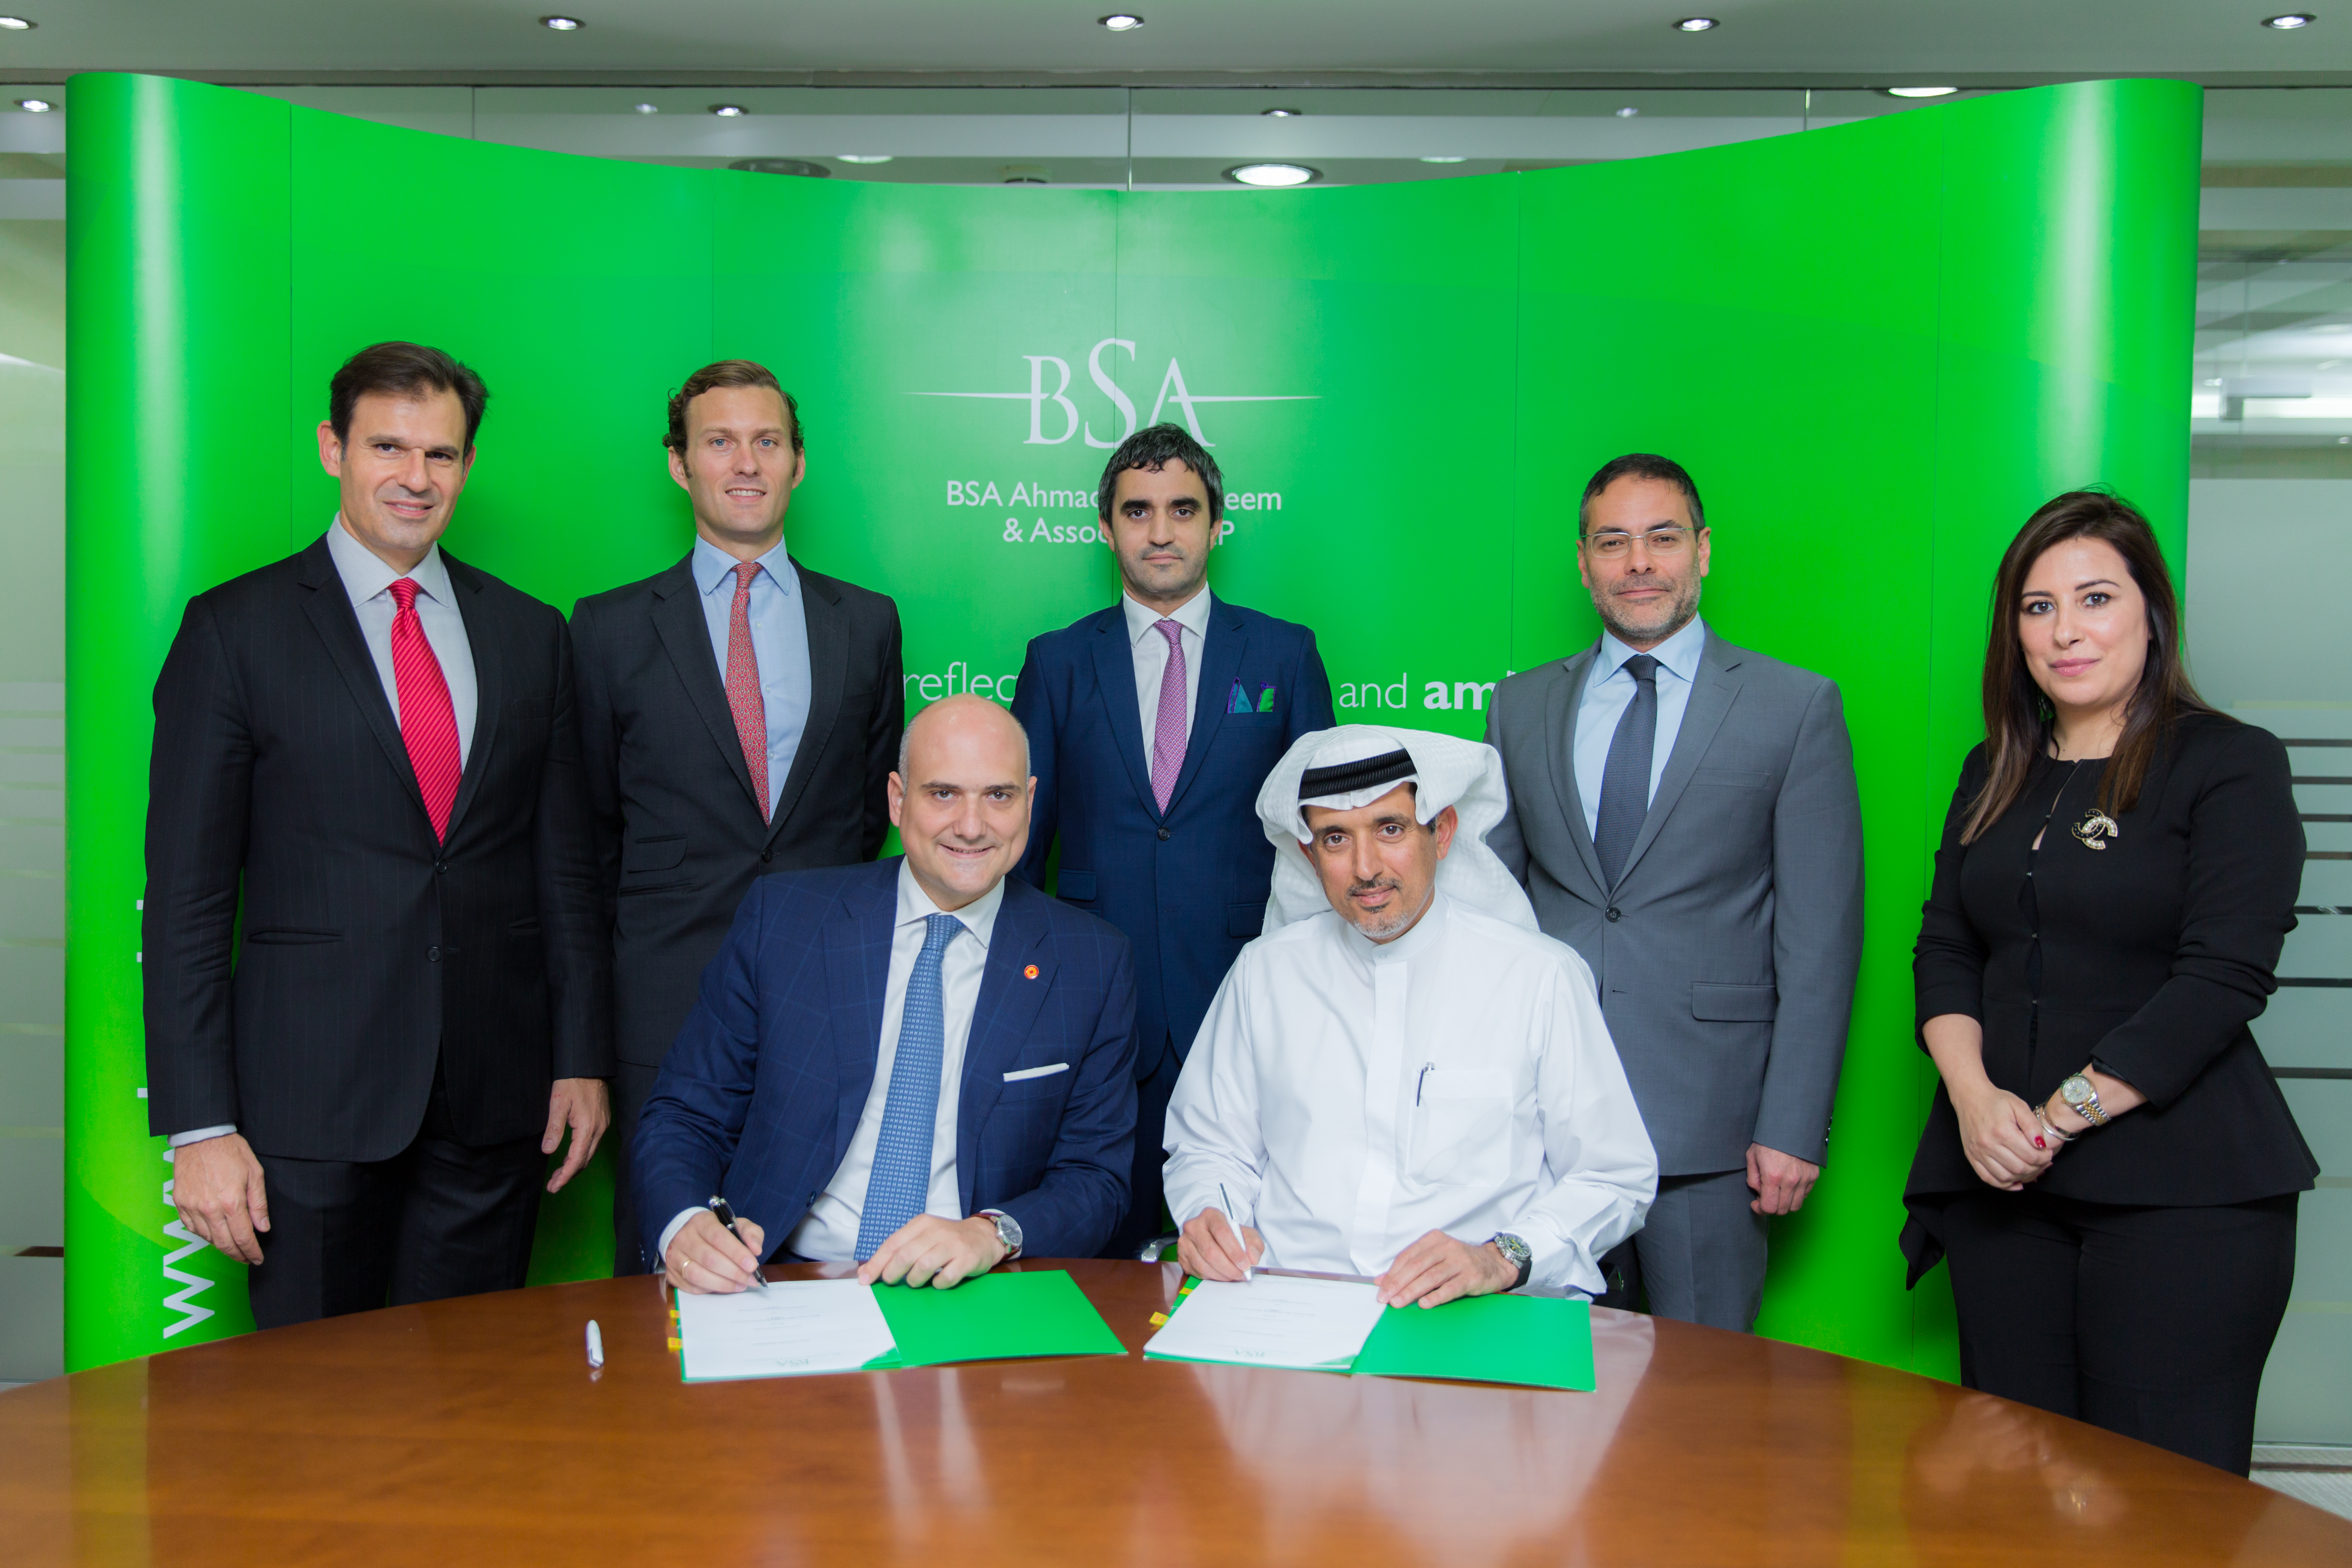 BSA Signing